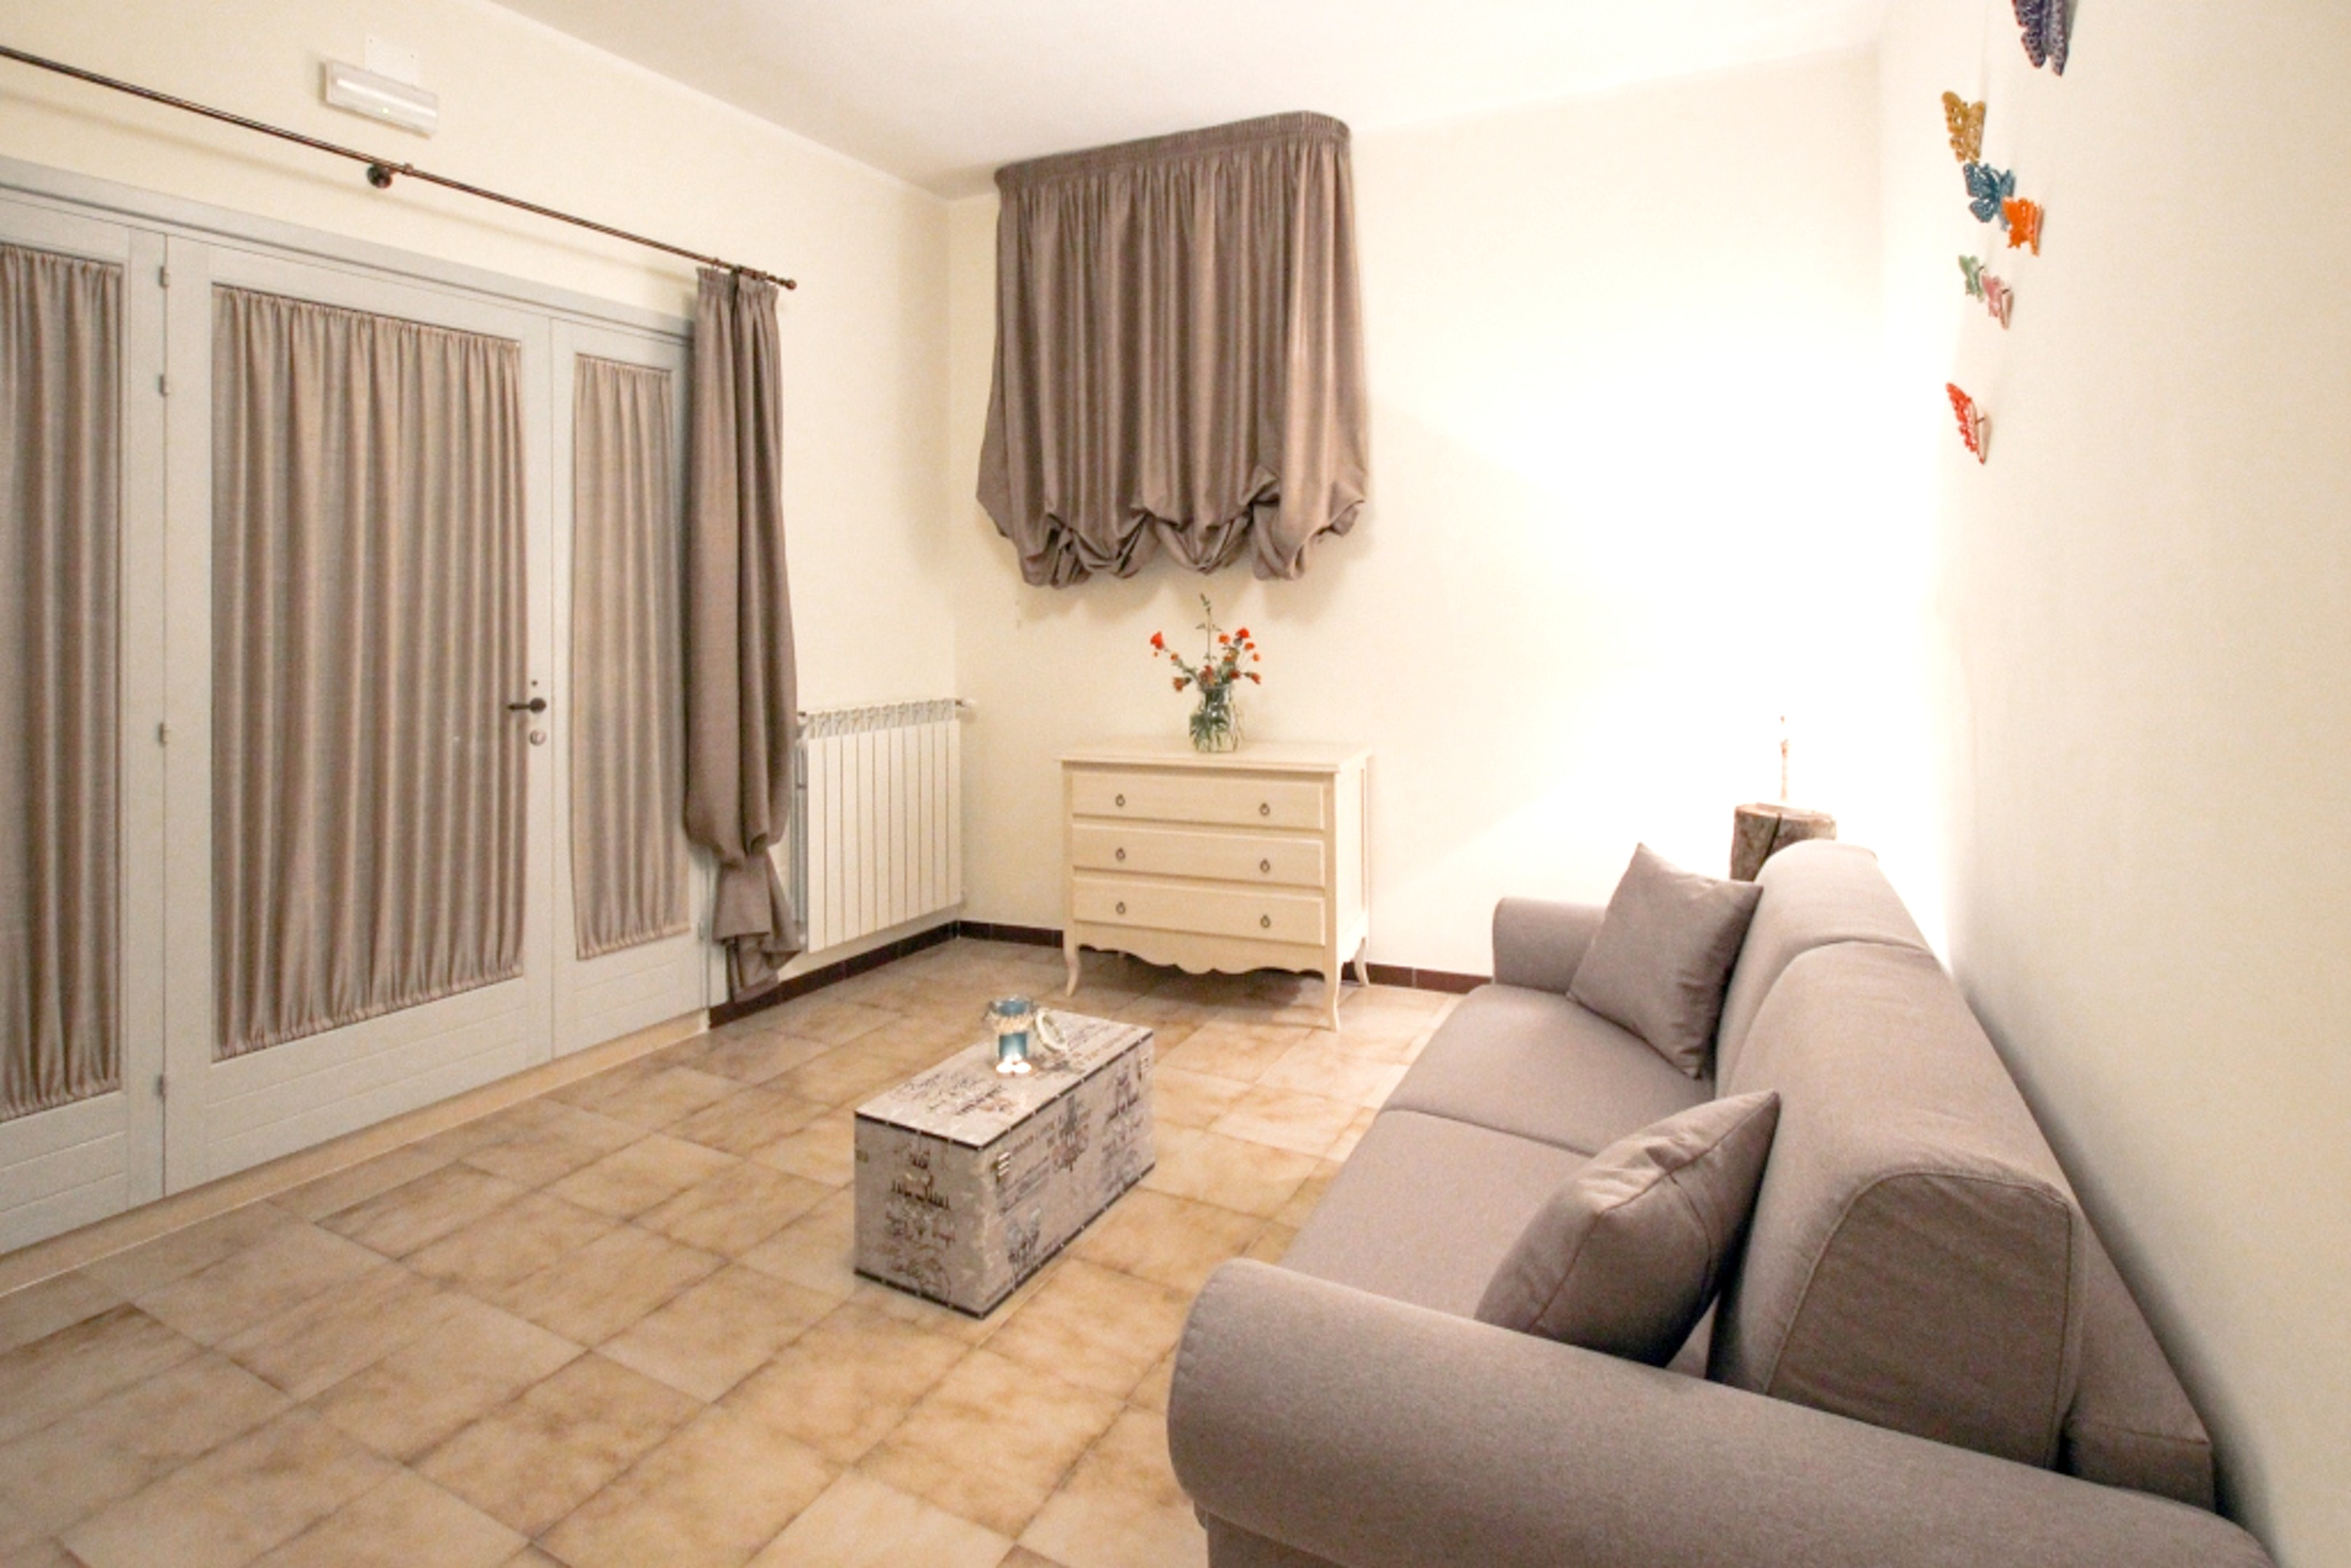 Ferienwohnung Wohnung mit 2 Schlafzimmern in Alberobello mit schöner Aussicht auf die Stadt und W-LAN -  (2201240), Alberobello, Bari, Apulien, Italien, Bild 3